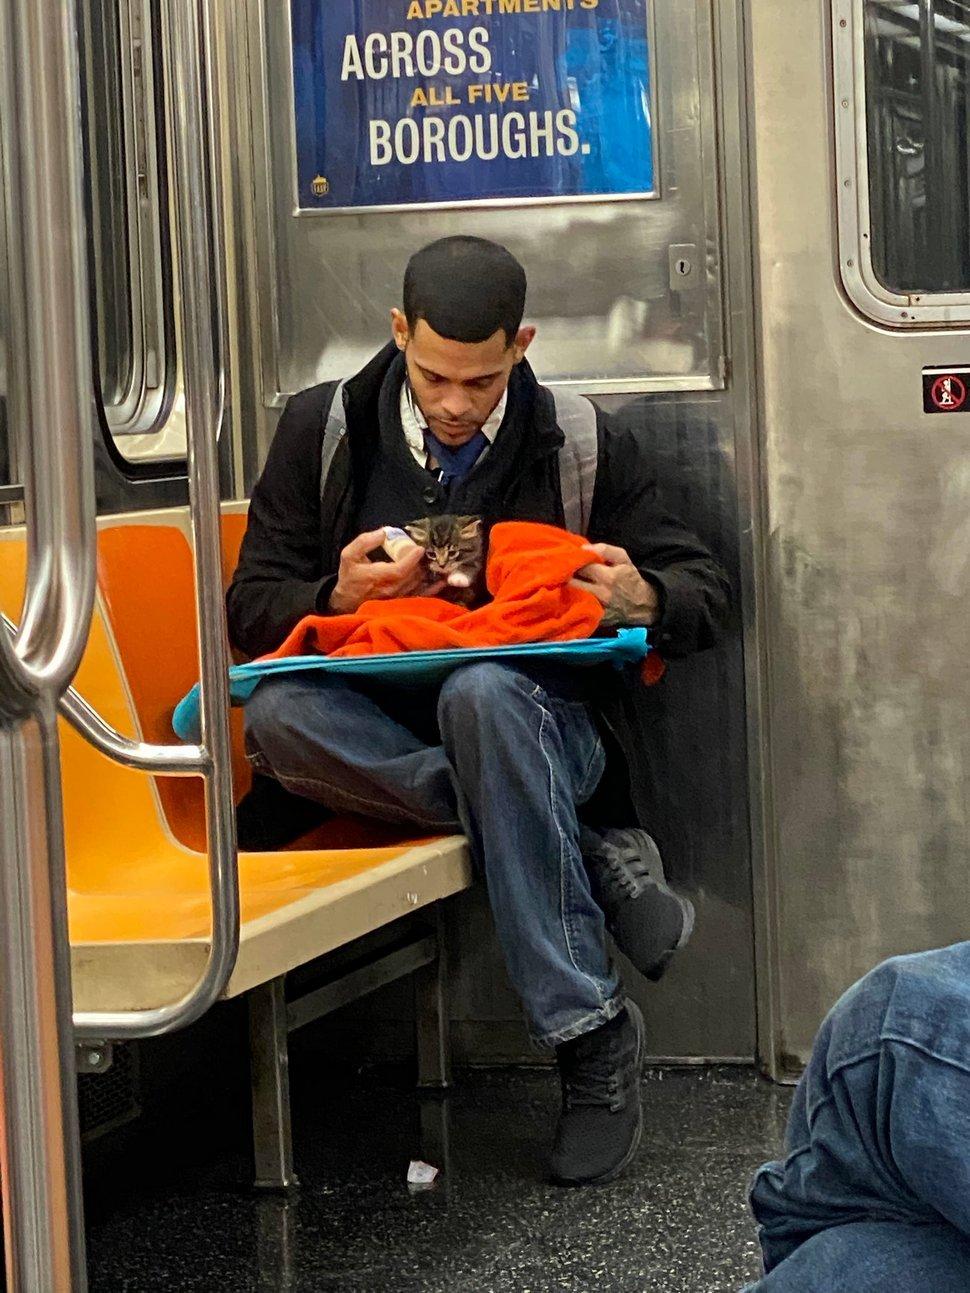 Un homme vu avec un minuscule chaton dans le métro redonne confiance aux gens en l'humanité ! Par Janvier Doyon Homme-avec-chaton-metro-gillian-rogers-001